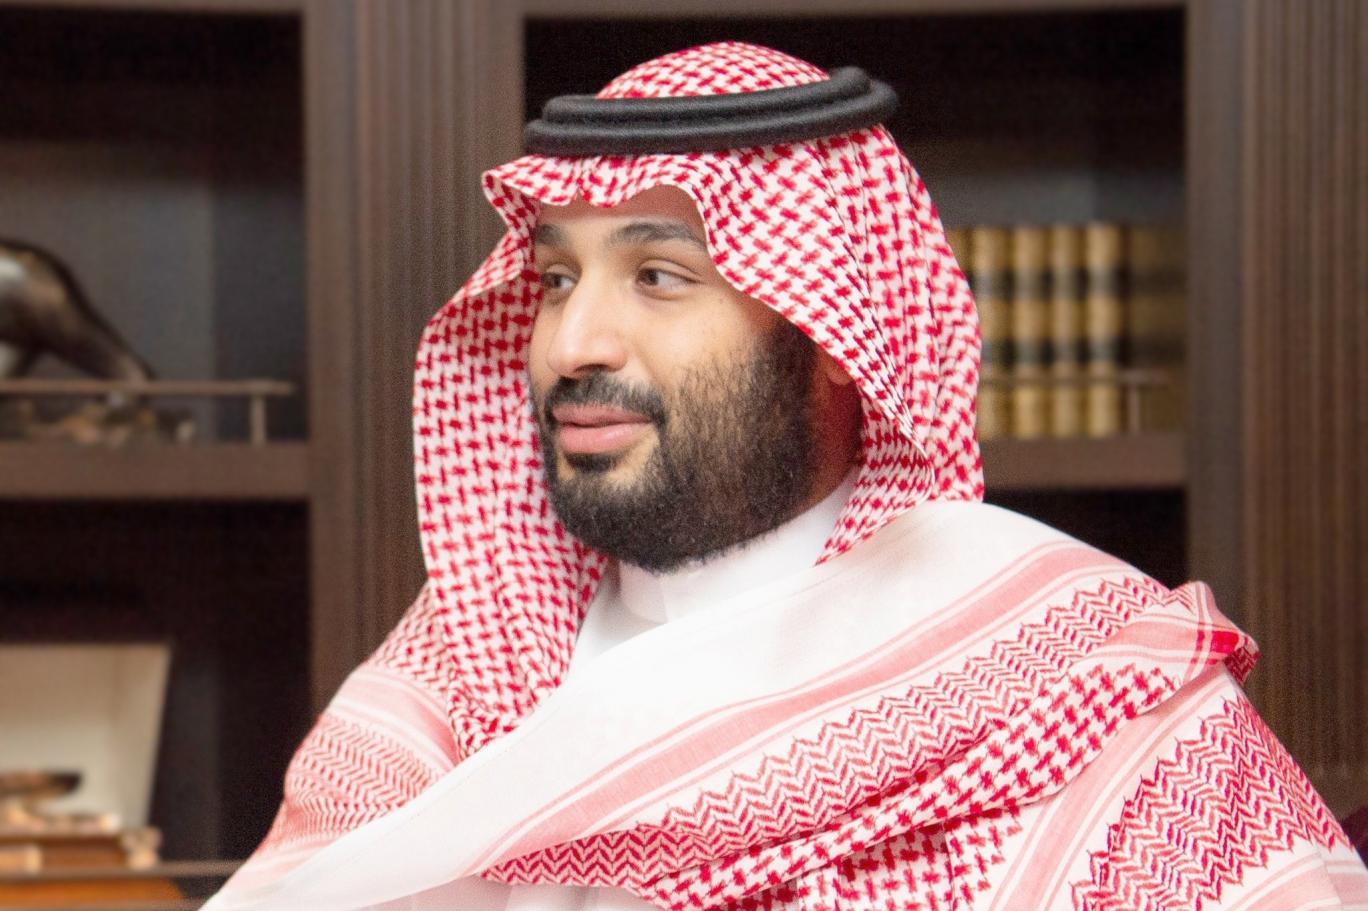 محمد بن سلمان يتخذ سلسلة إصلاحات قانونية وتشريعية لمغازلة بايدن